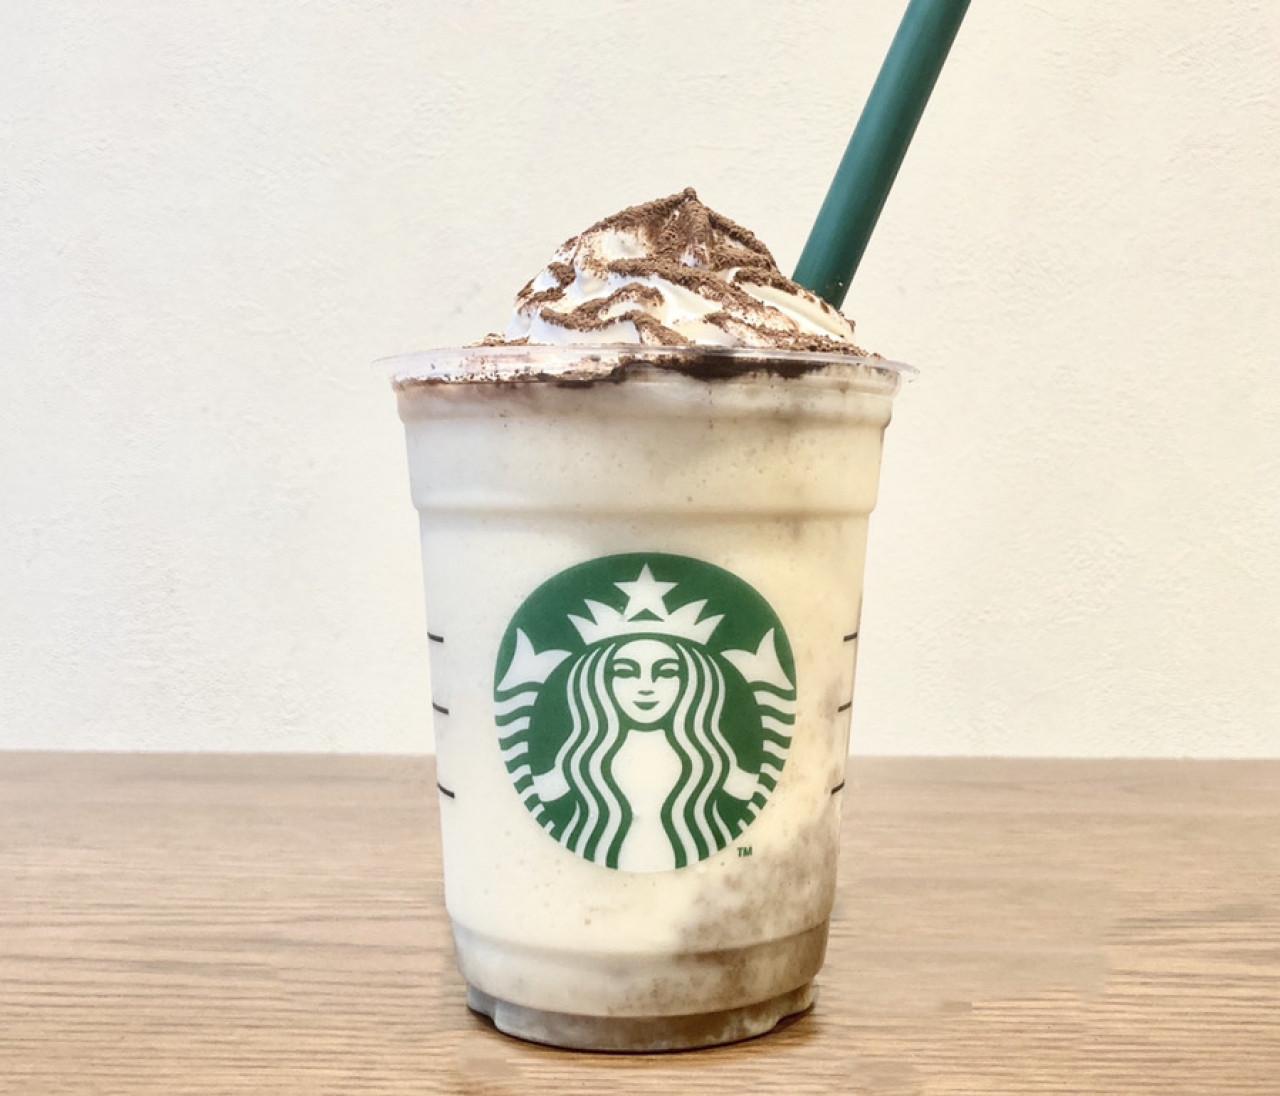 【スタバの新作】日本上陸25周年記念のコーヒーティラミスフラペチーノを徹底レビュー!ふんわりスポンジがやみつきになる美味しさ